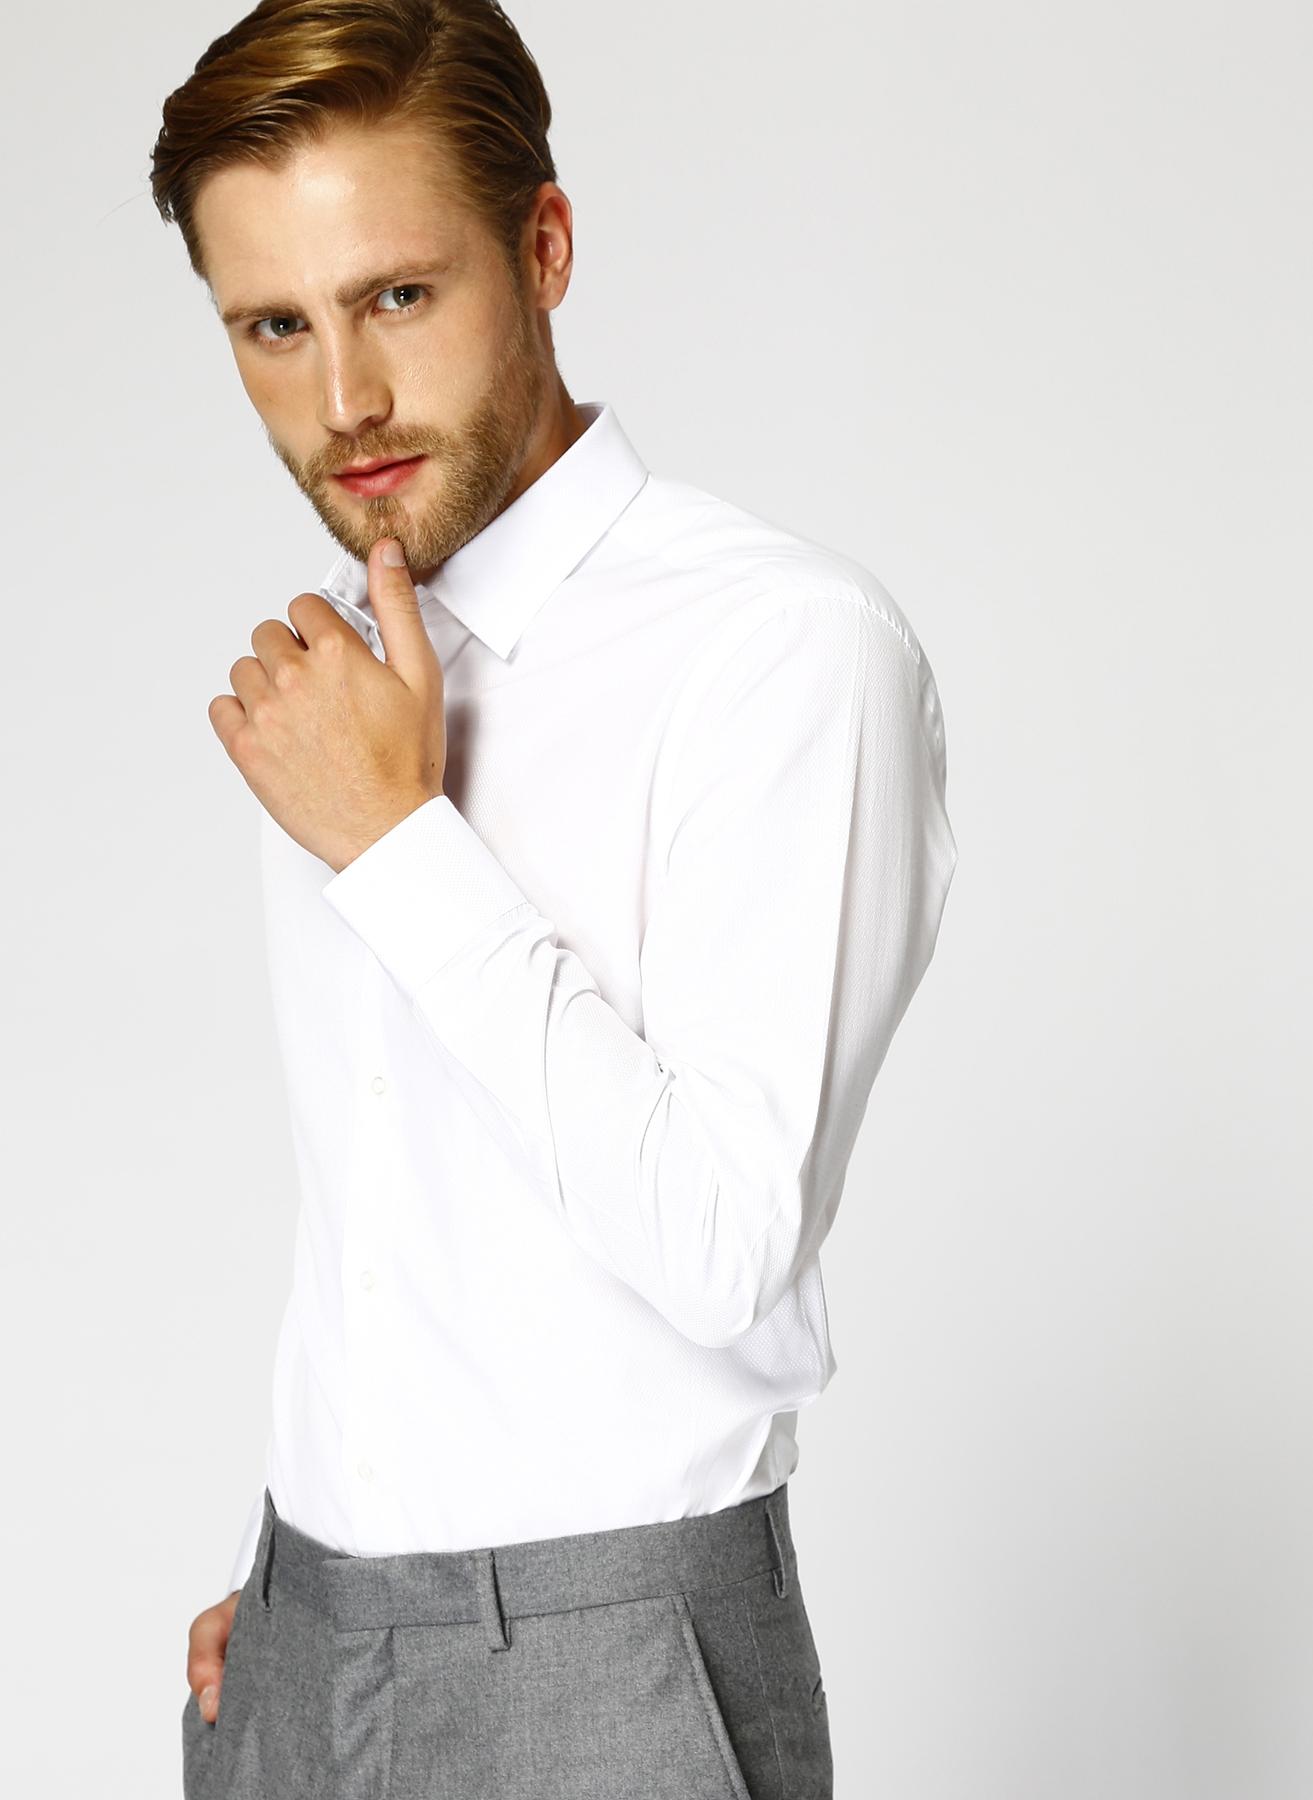 Fabrika Beyaz Gömlek L 5001604237003 Ürün Resmi